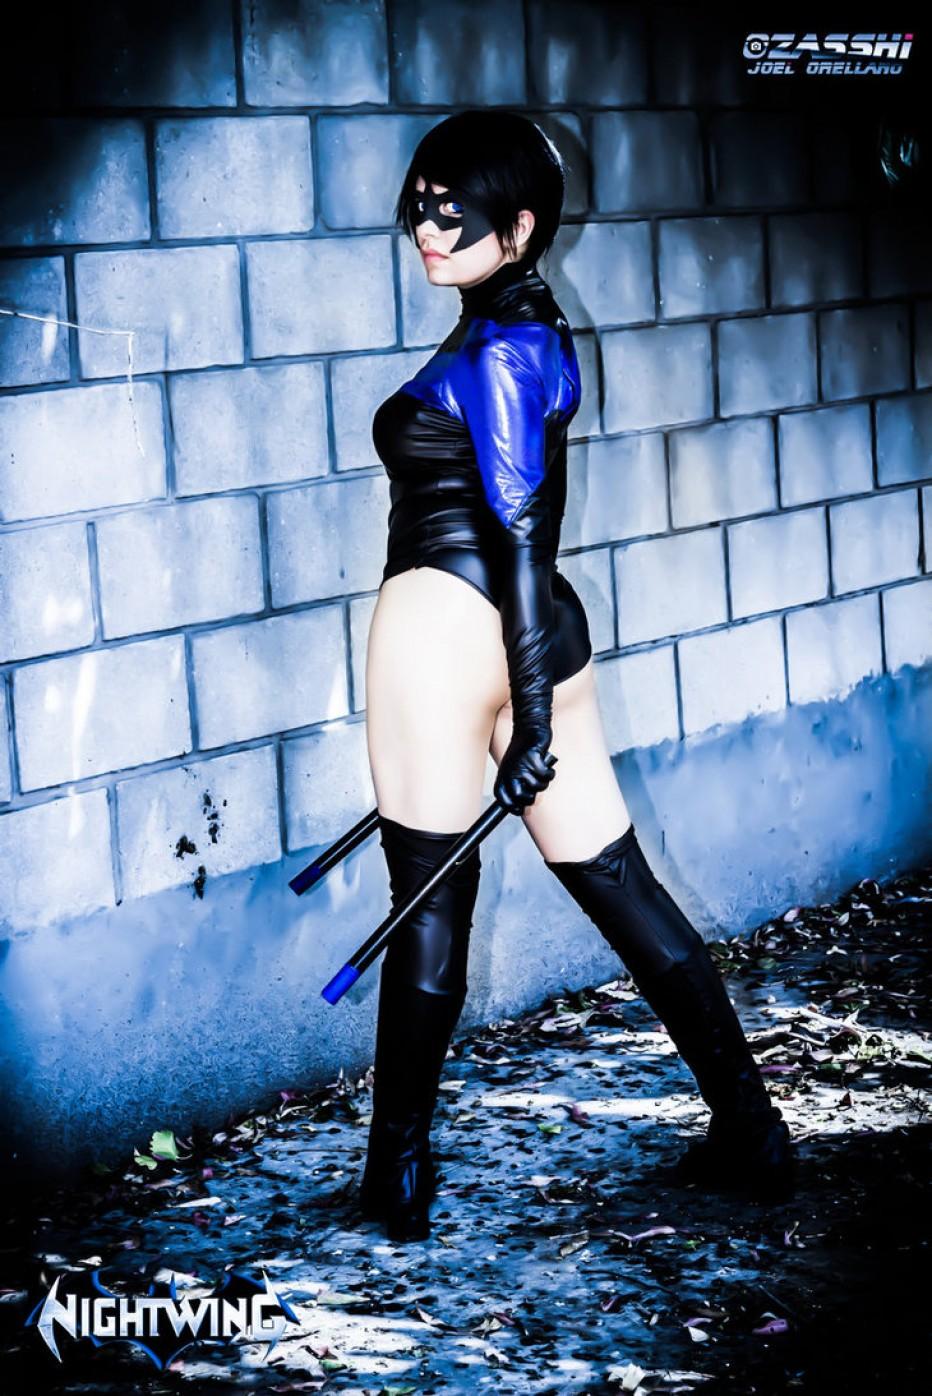 Nightwing-Cosplay-Gamers-Heroes-5.jpg